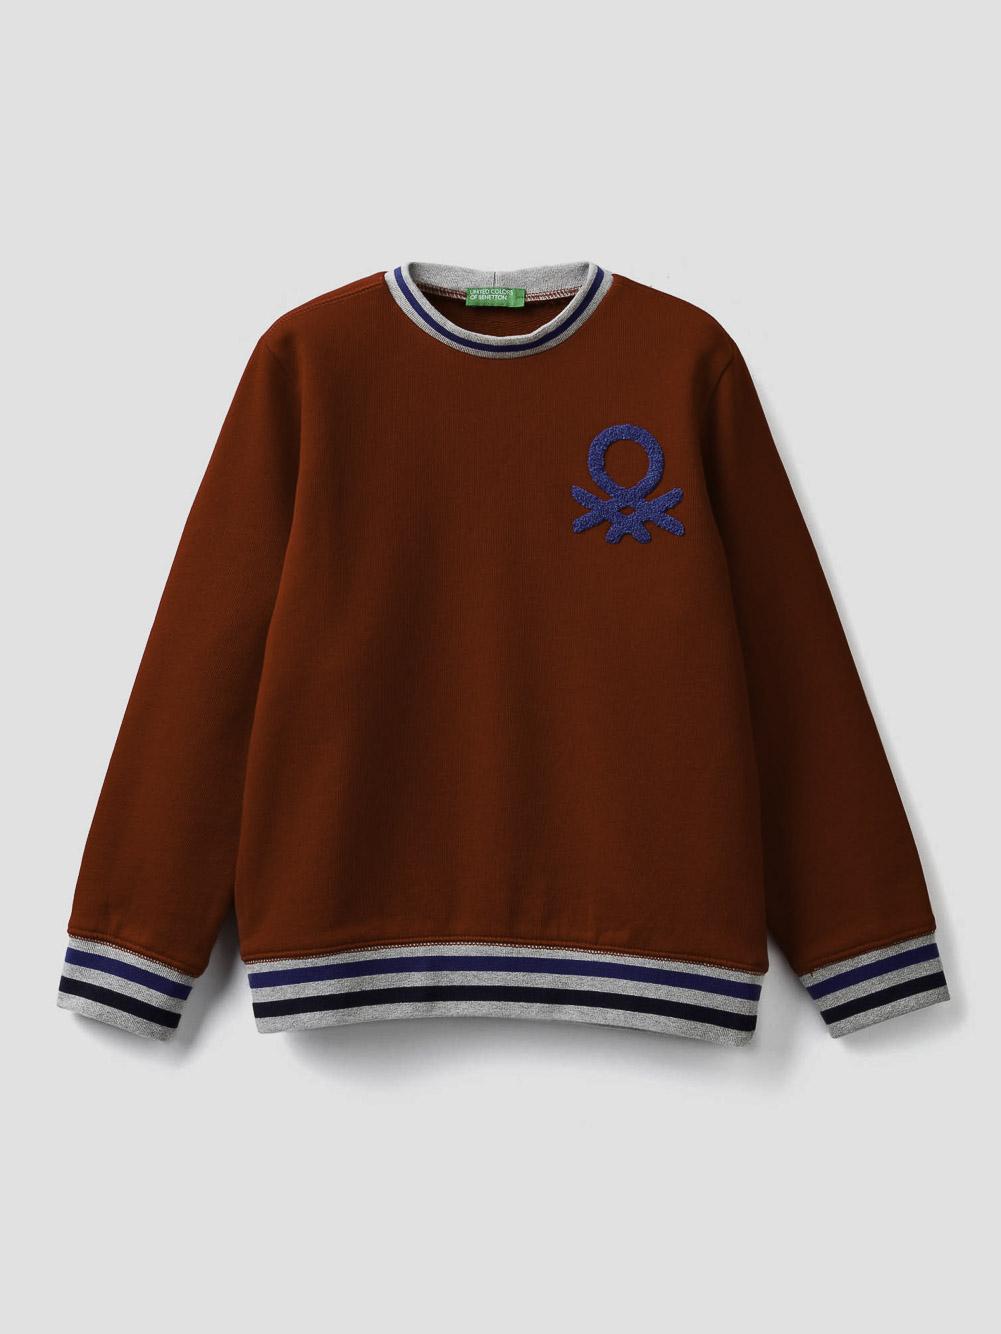 012 BENETTON Μπλούζα φούτερ μα λαιμόκοψη και κεντητό λογότυπο 3J68C14YI 20A015